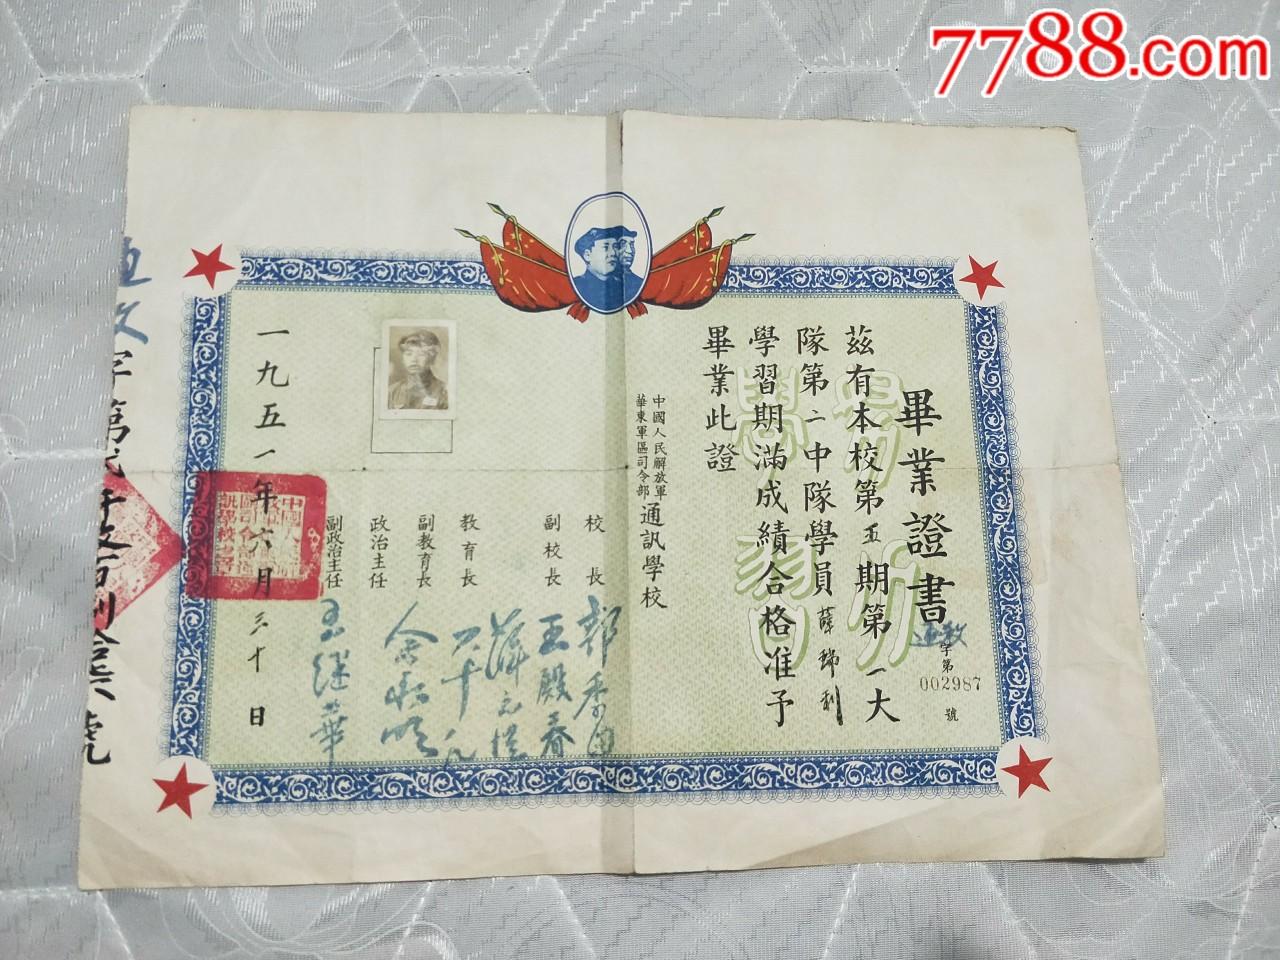 中��人民解放��A�|��^司令部通��W校(se69534282)_